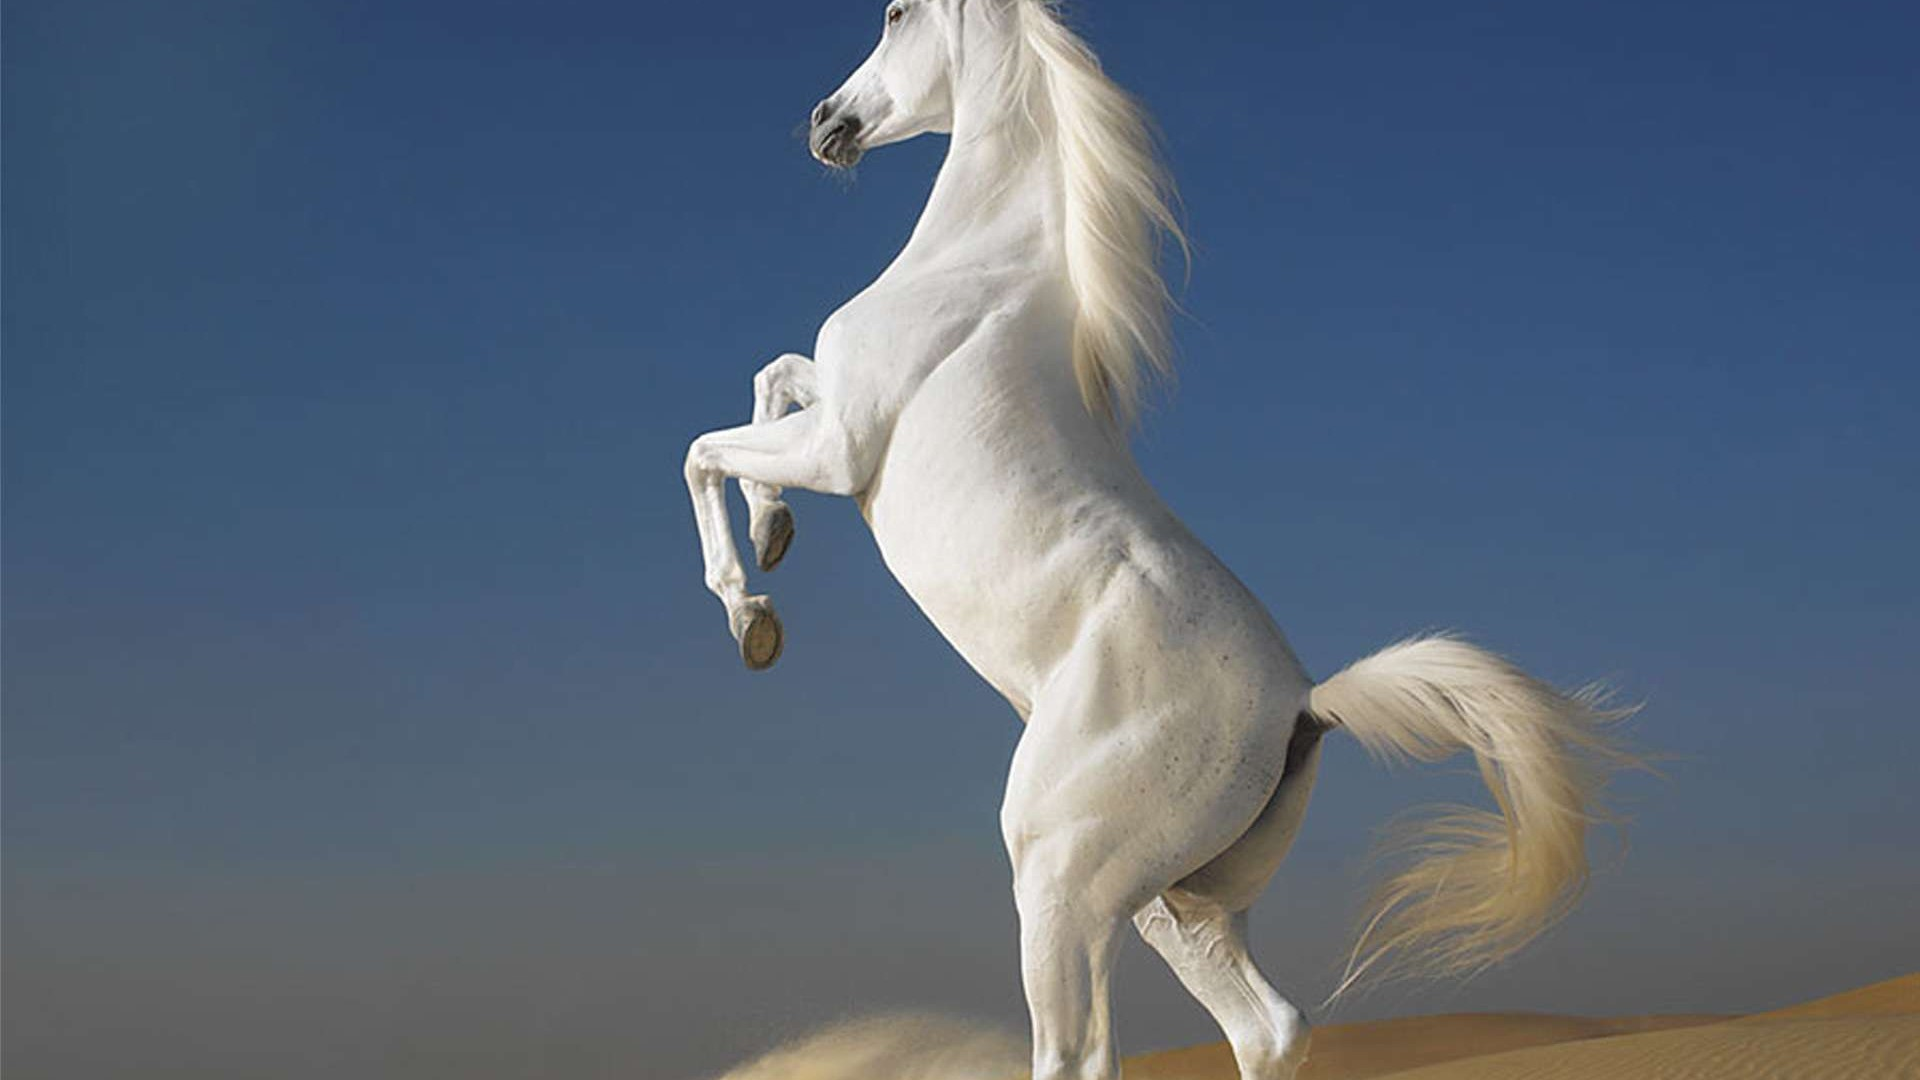 Download · Beautiful Horse Wallpaper